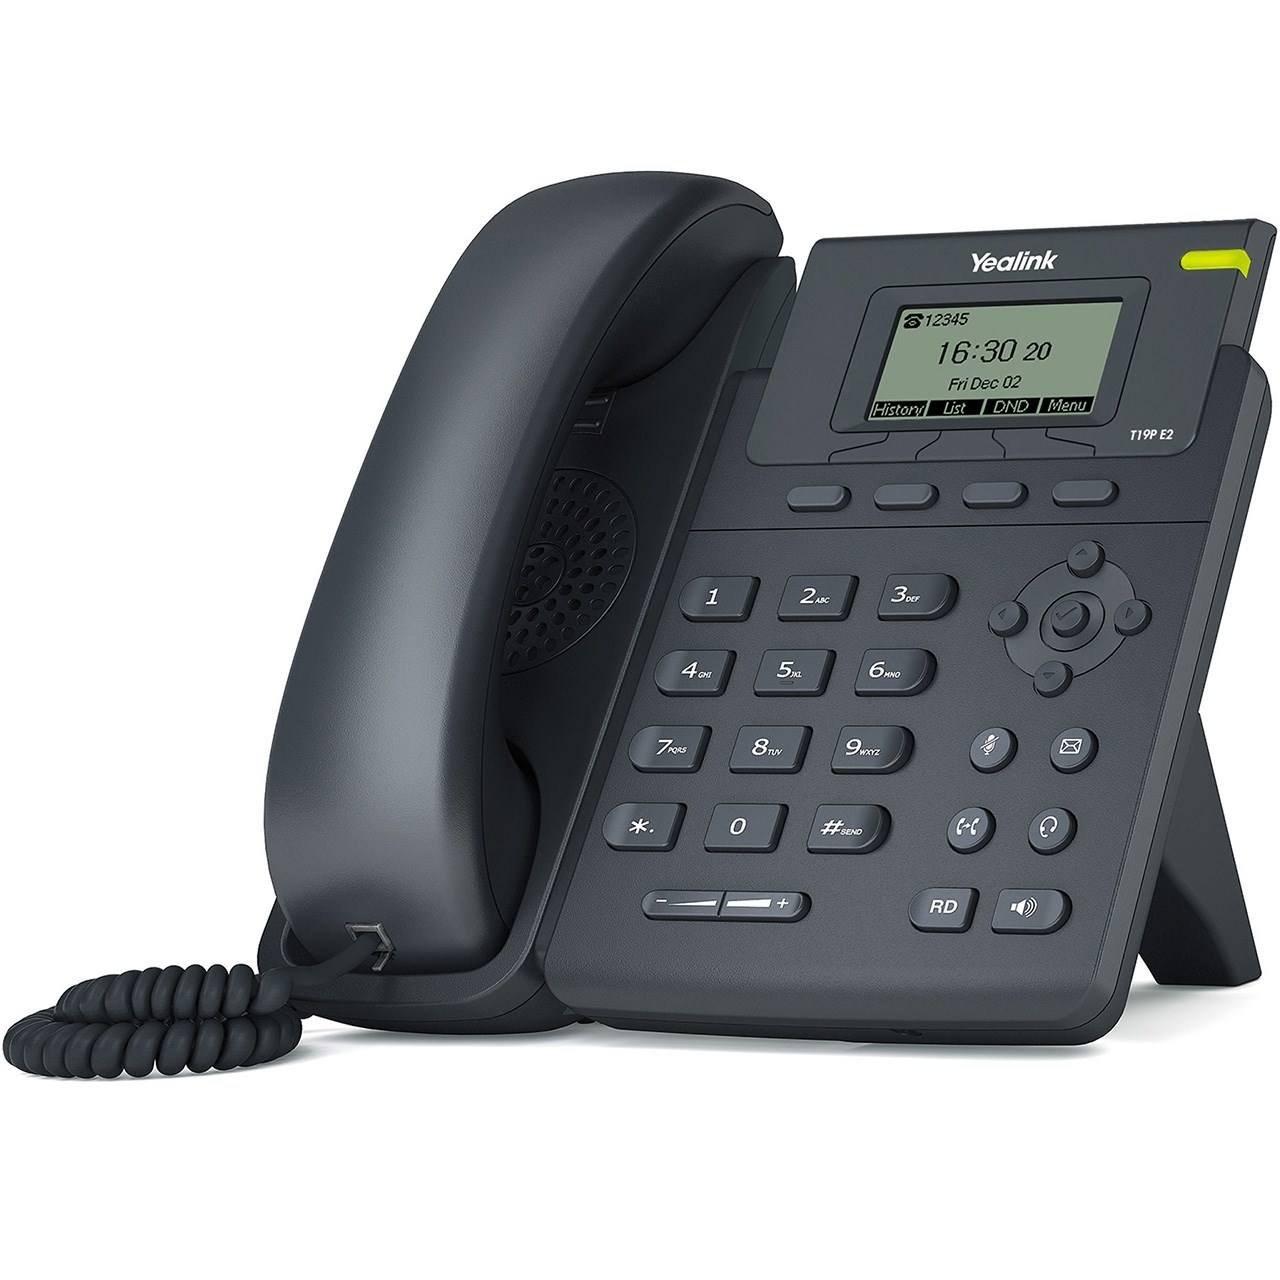 تصویر تلفن تحت شبکه مدل SIP T19 E2 یالینک Yalink SIP T19 E2 network telephone